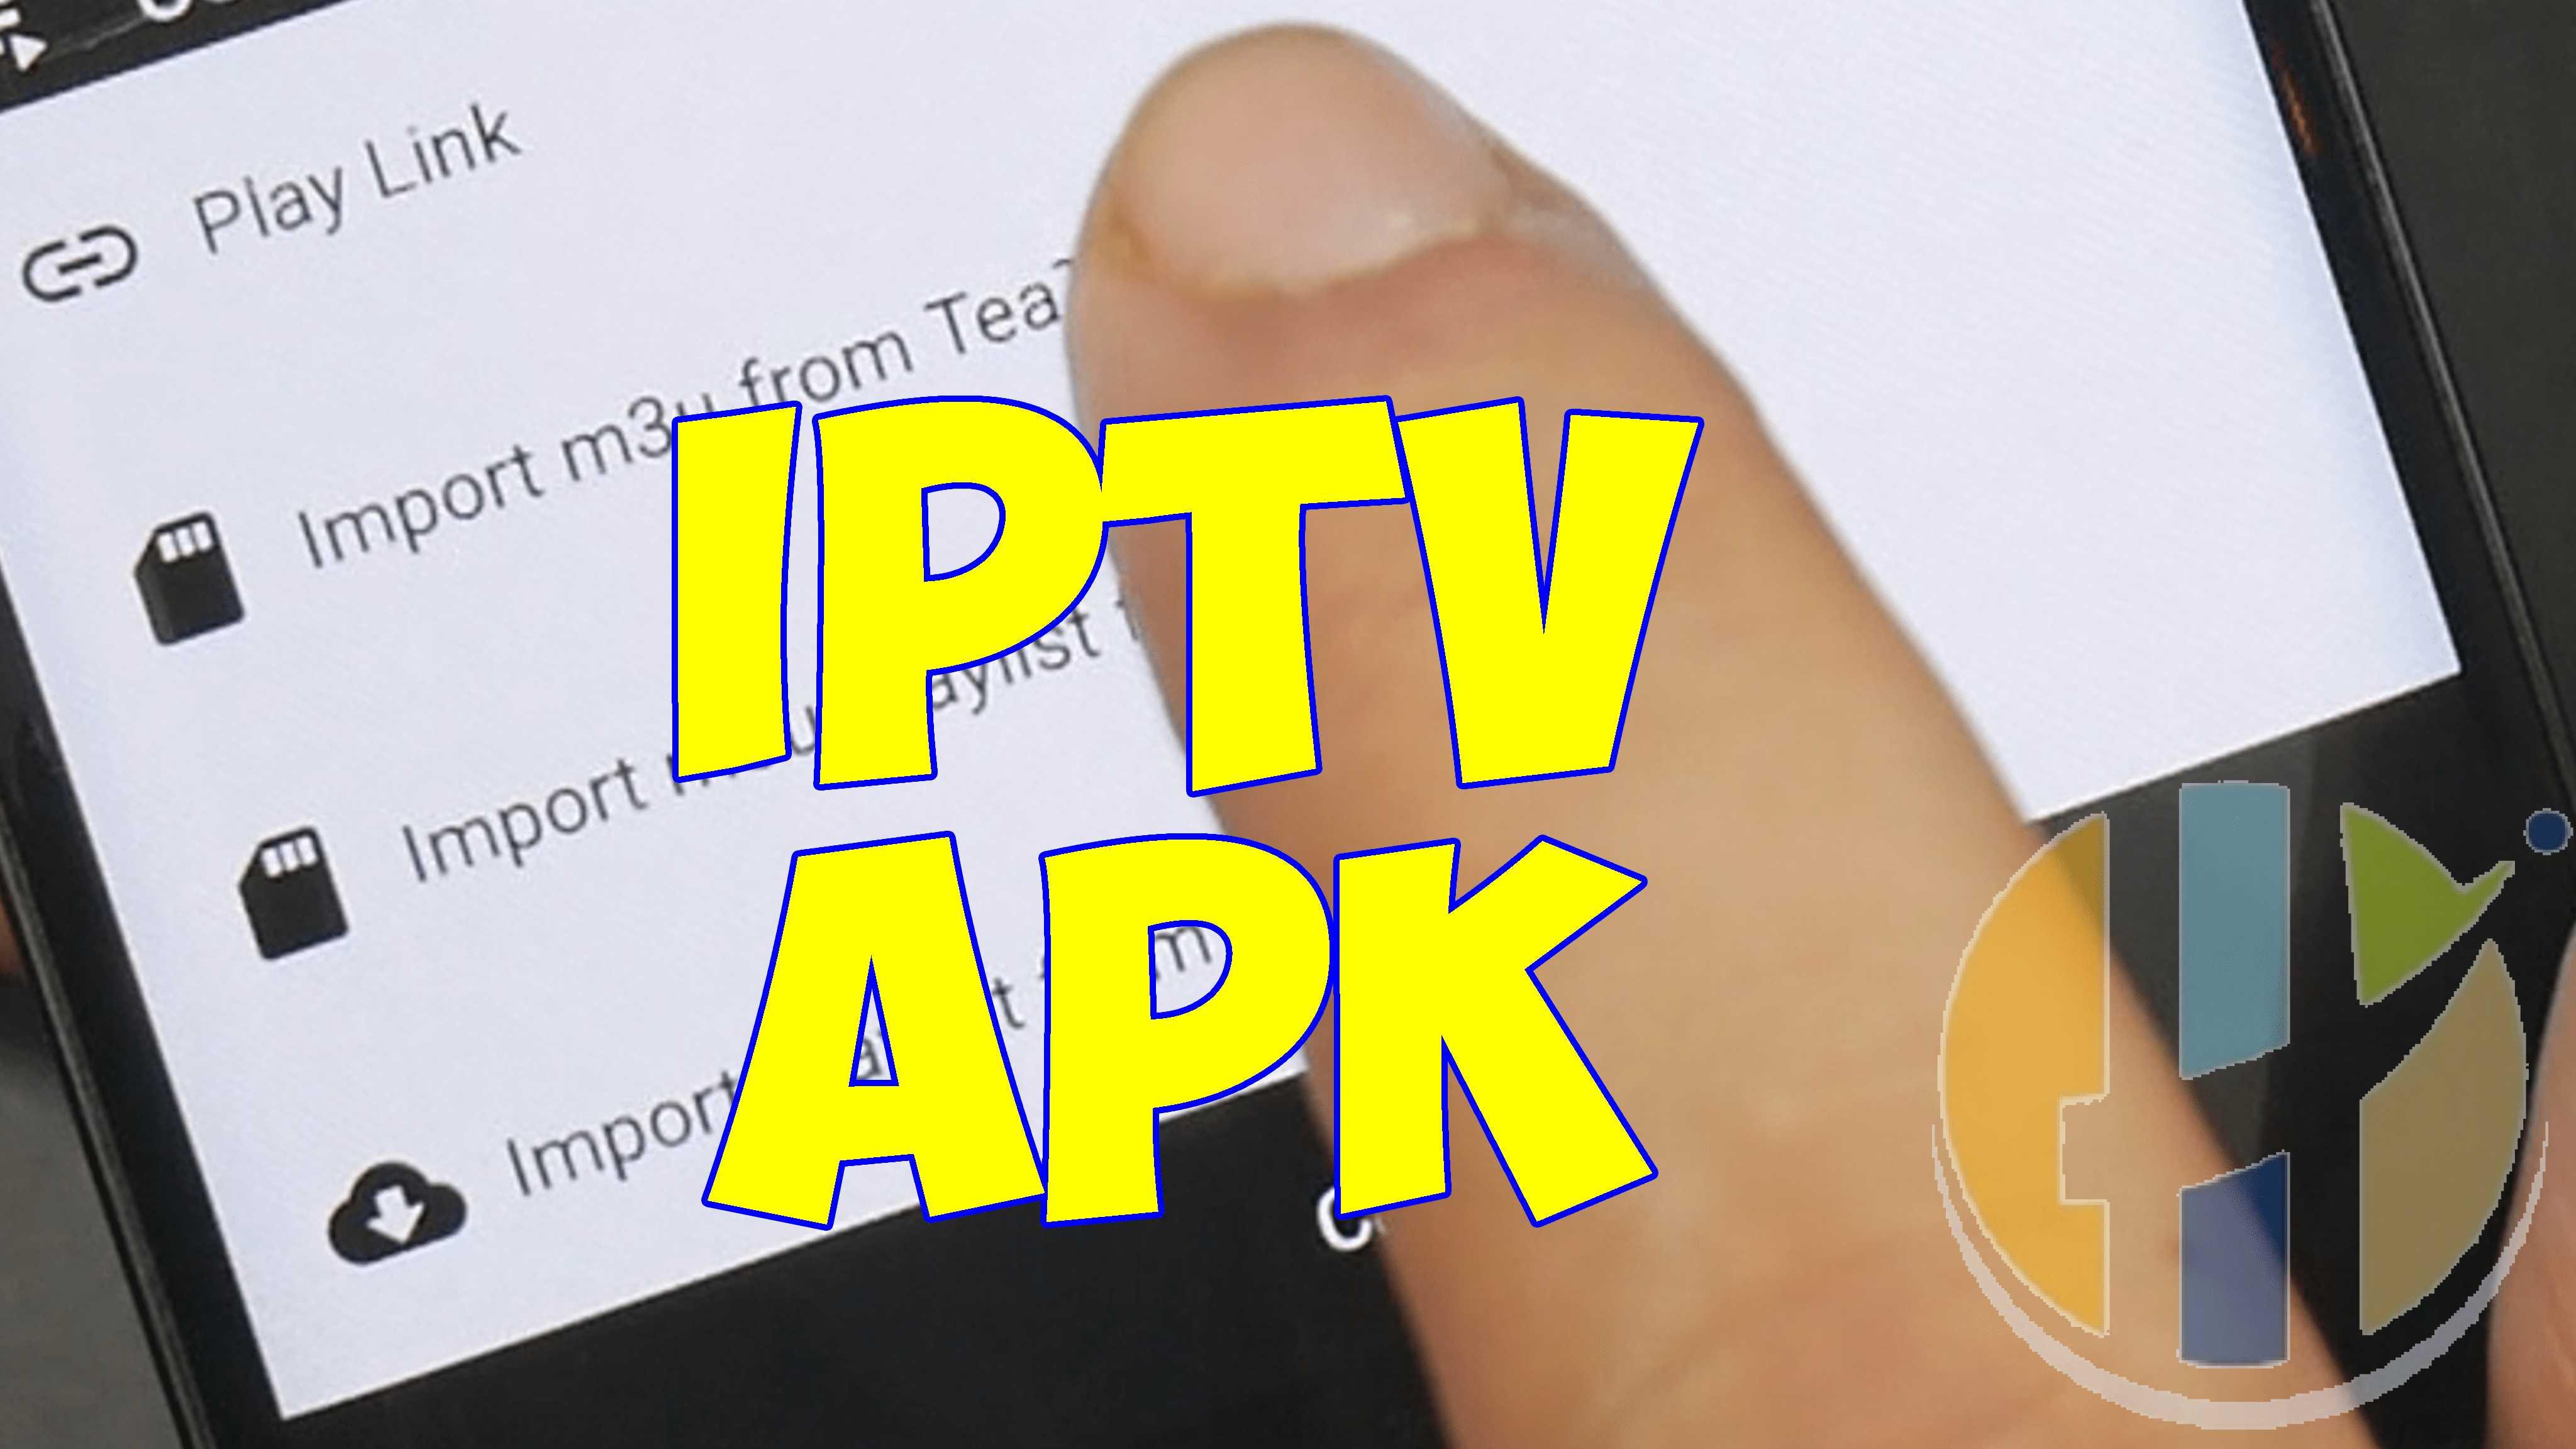 TEA TV plus IPTV better then Terrarium APK - Husham com APK